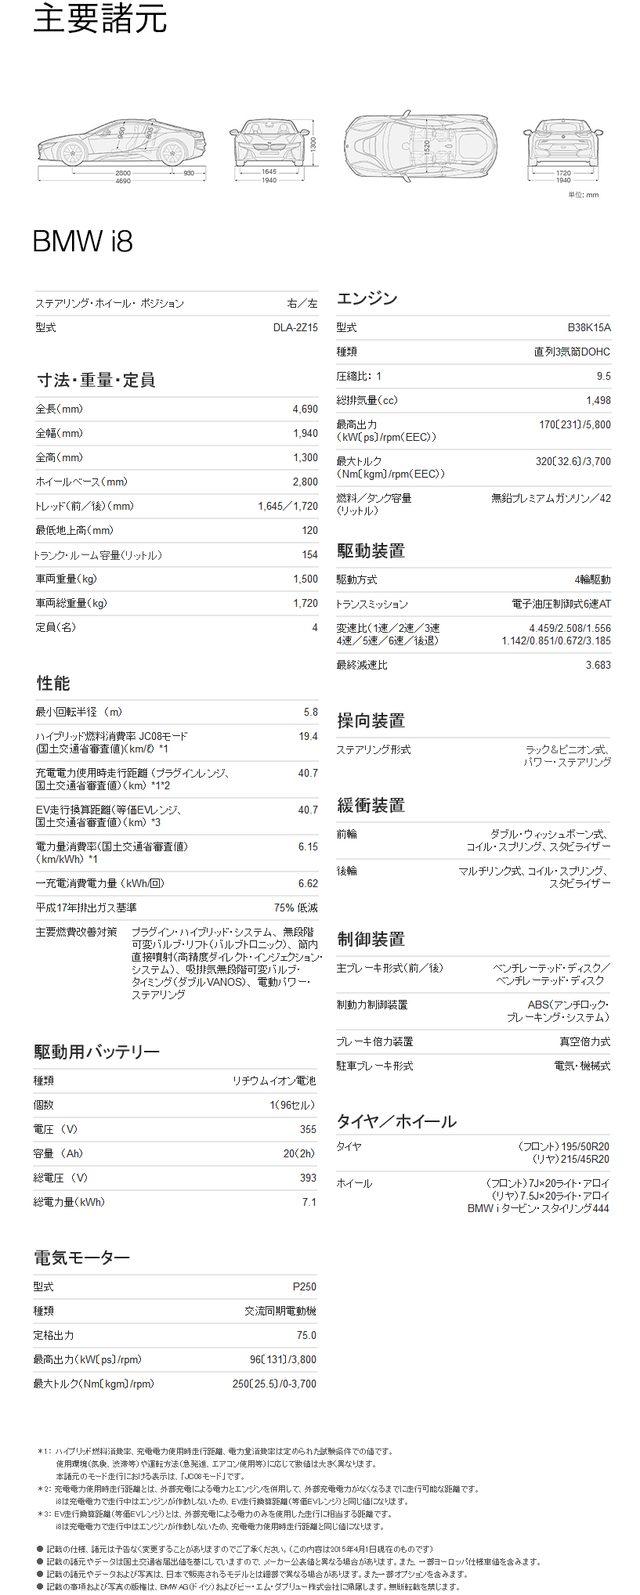 画像: www.bmw.co.jp